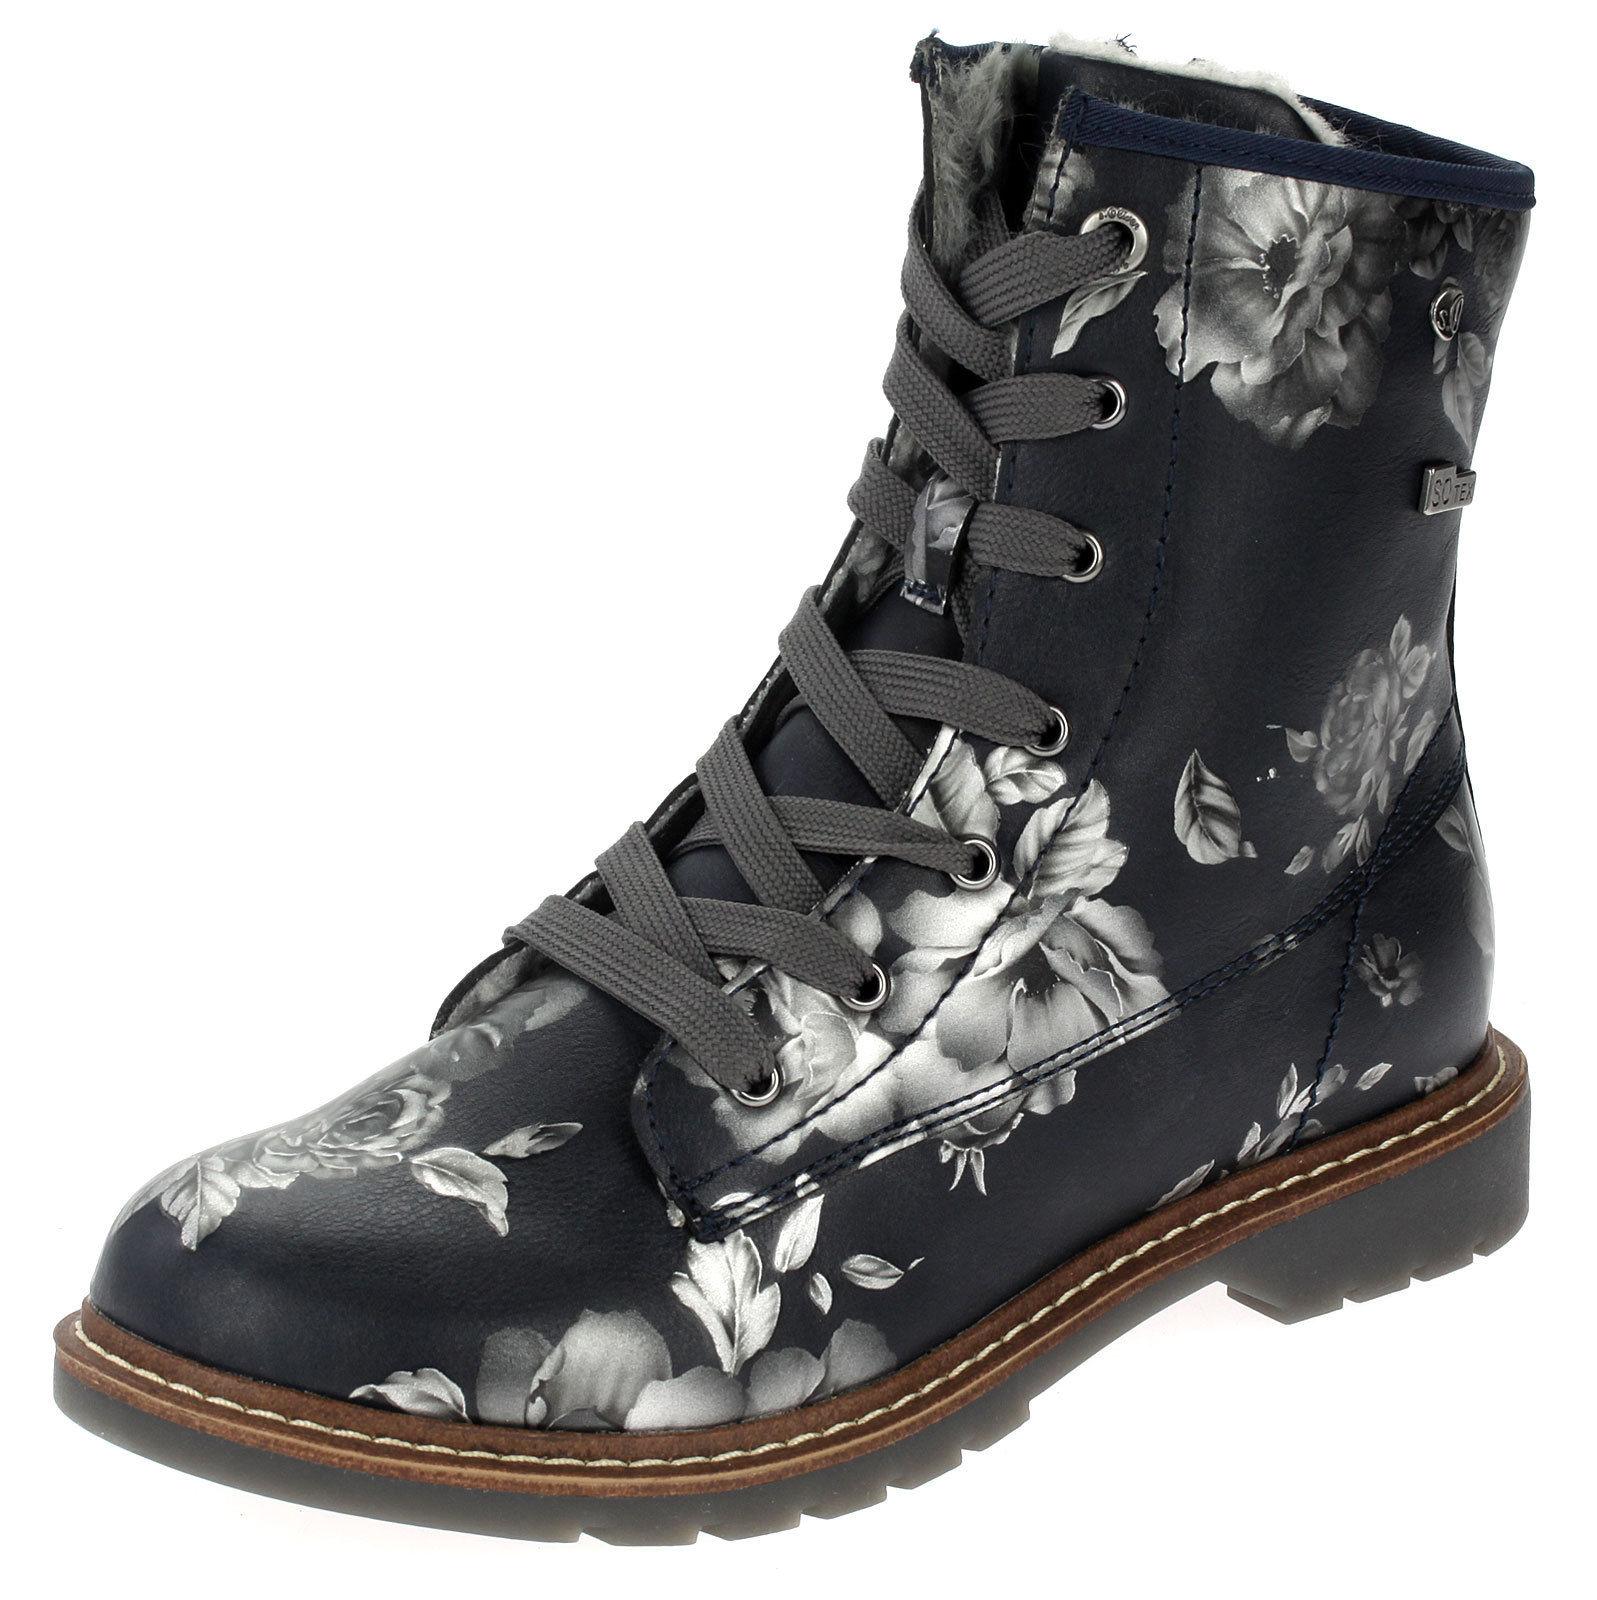 botas tex en venta Calzado de niña | eBay